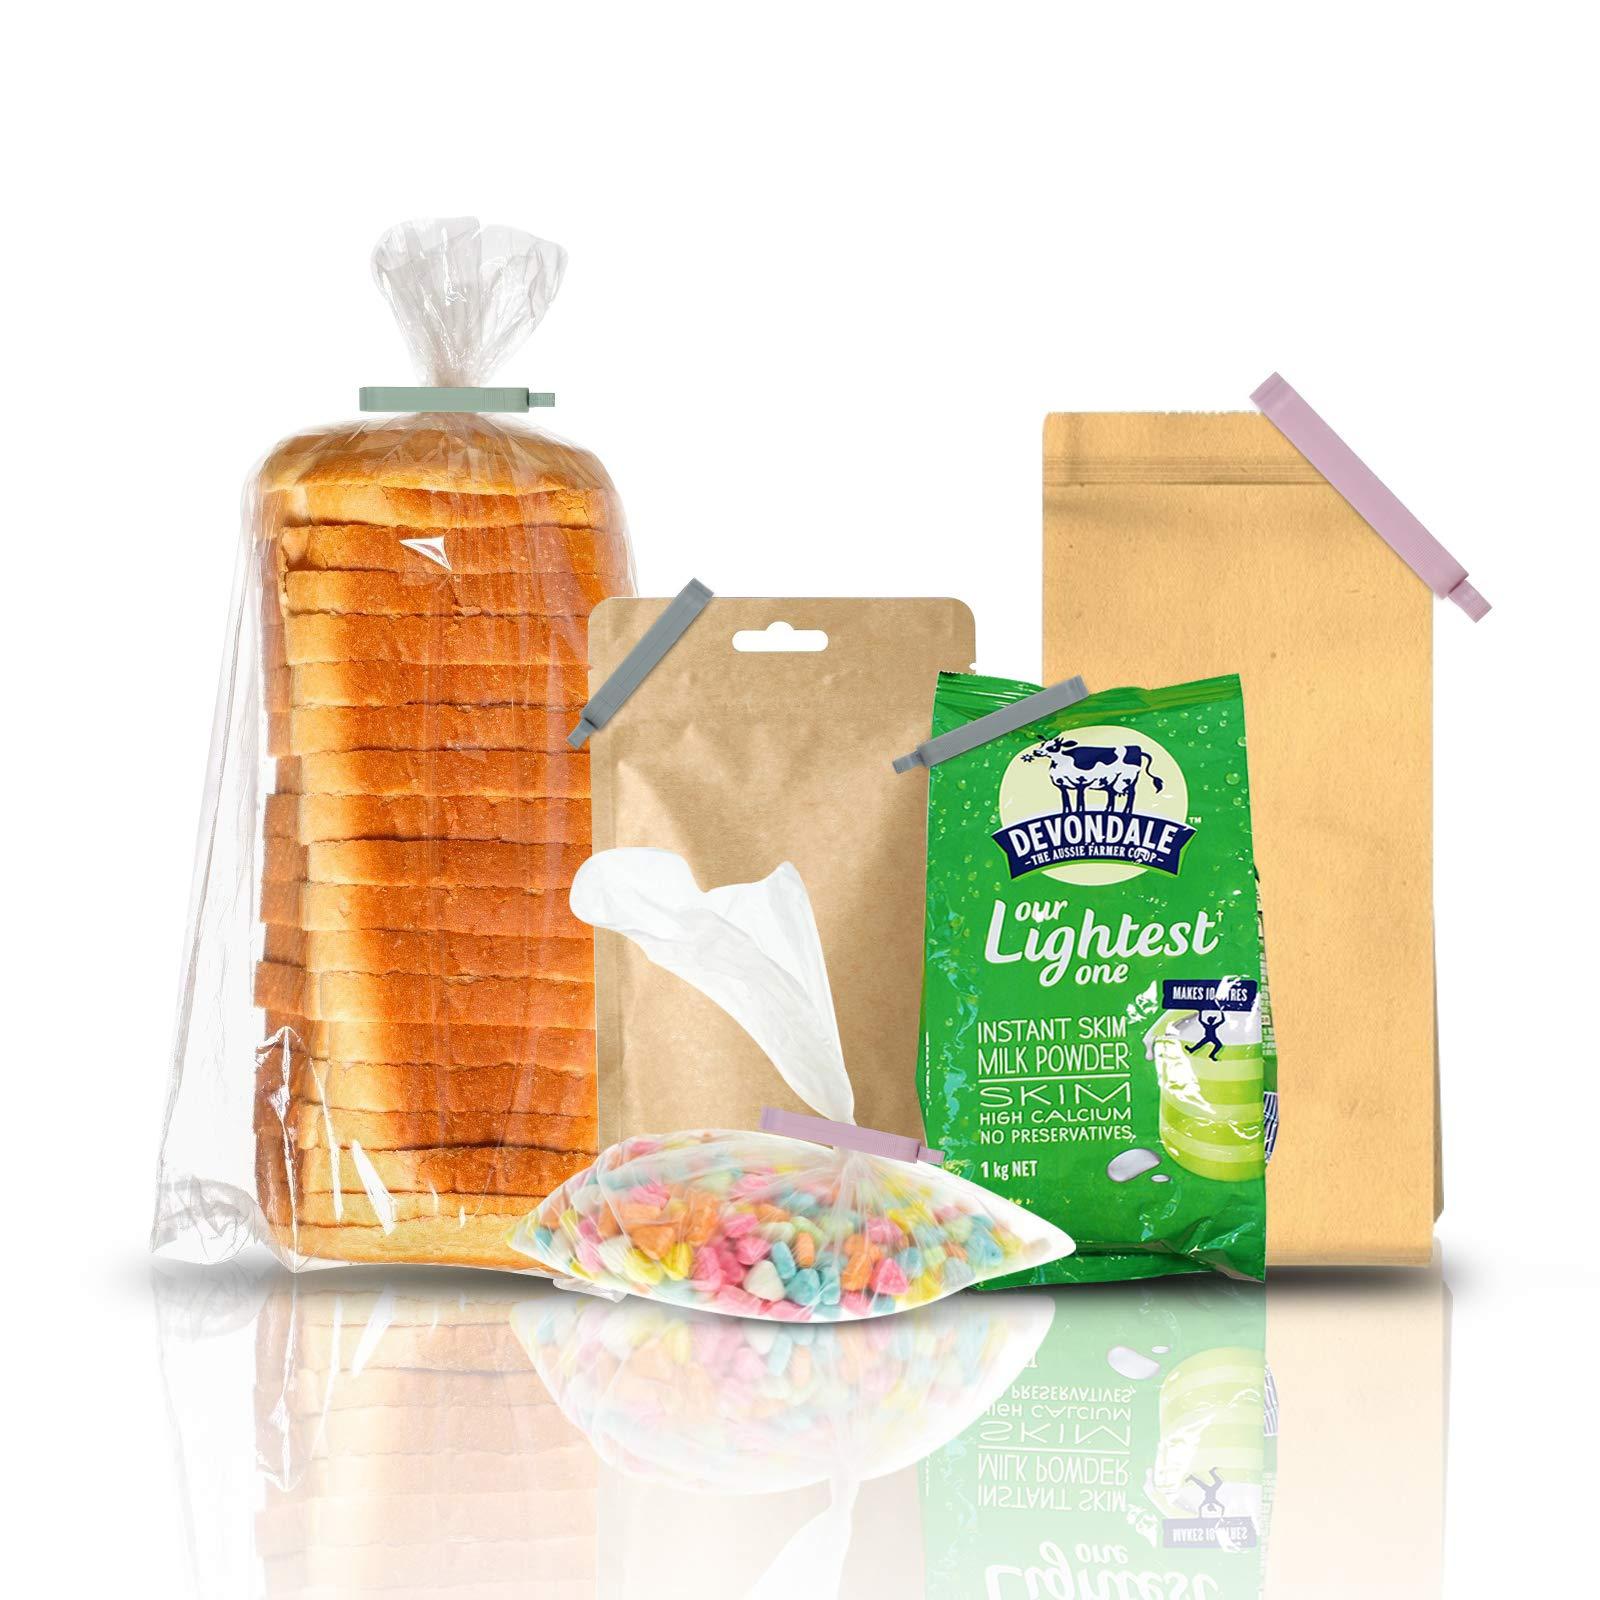 Matogle 48 Stücken Verschlussklammern Verschlussclips Beutelverschluß Klemmen Verschluss für Lebensmittel und Snacks, aus Kunststoff und luftdicht, in 3 Größen(Grün, Grau, Pink)